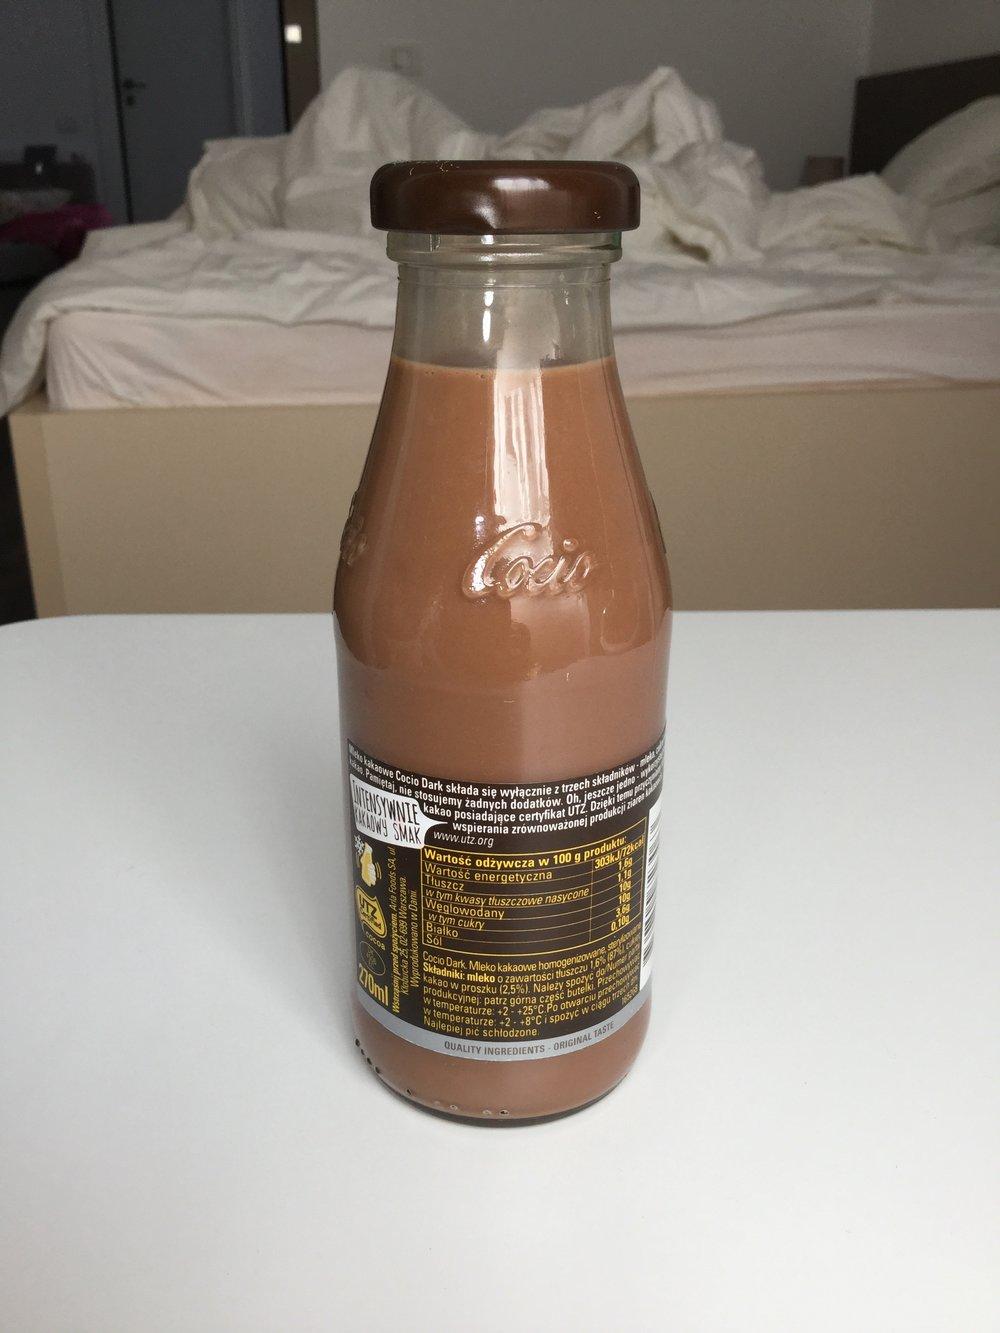 Cocio Dark Chocolate Milk Side 2